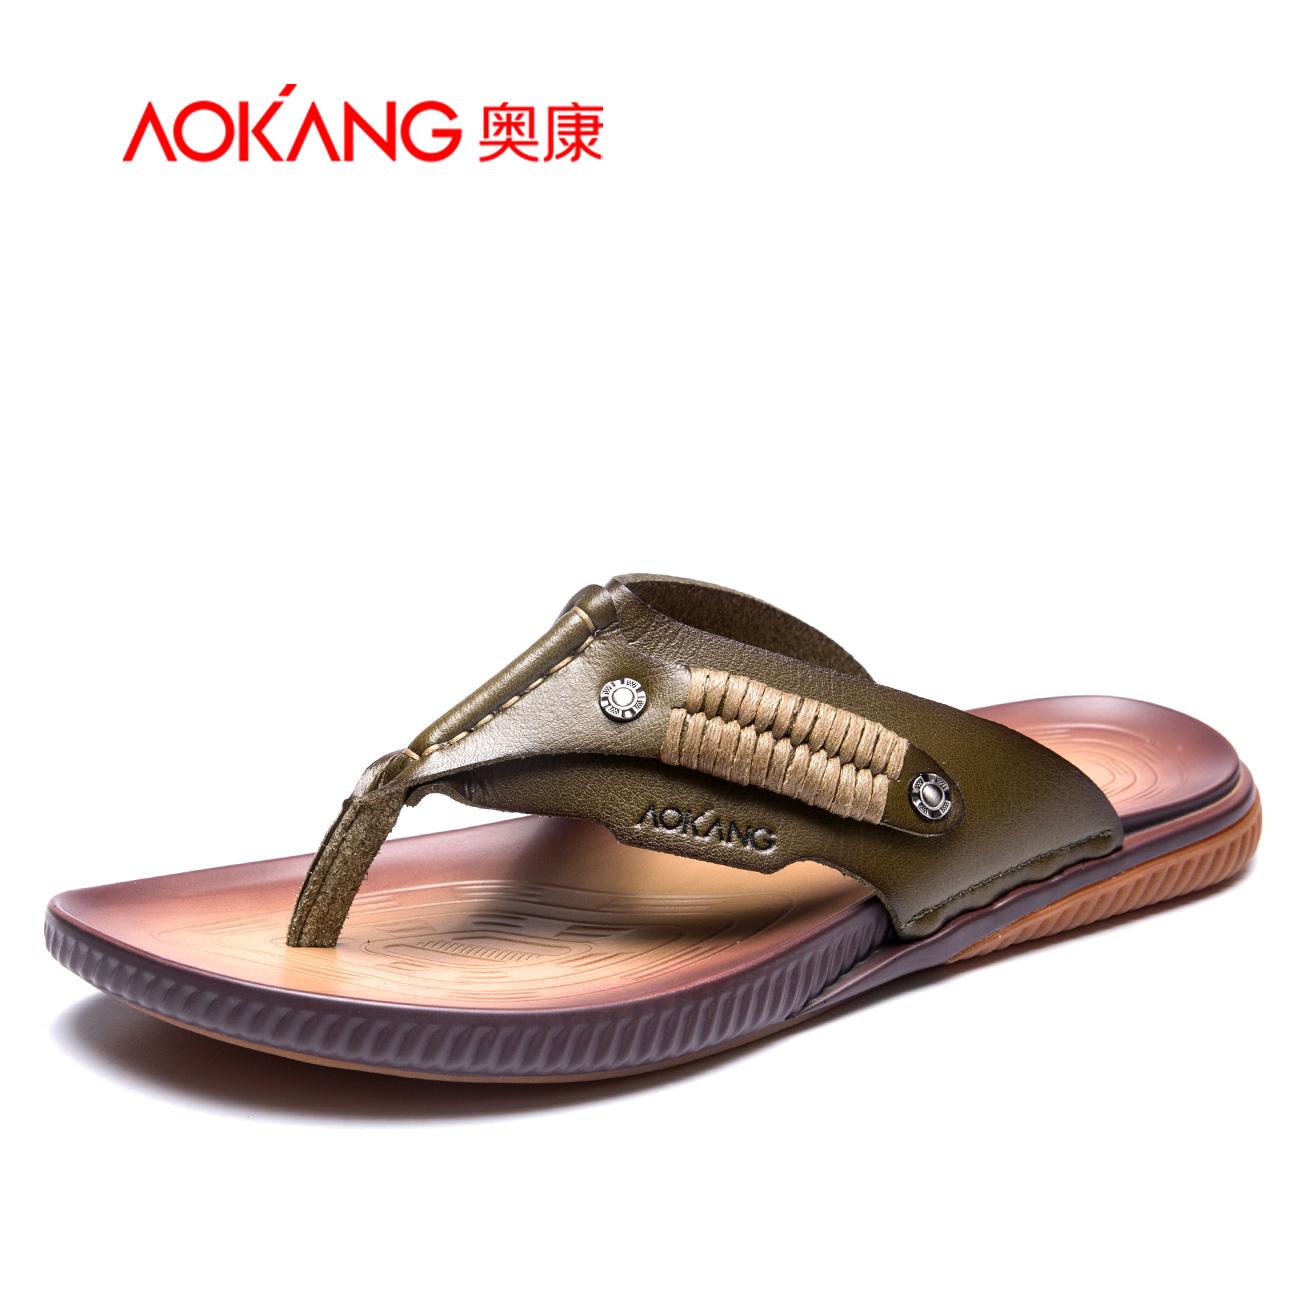 【 ворота магазин доставка 】 заумный мир мужская обувь новый воздухопроницаемый прохладно шлепанцы сын пригодный для носки молодежь мужской шлепанцы обувной